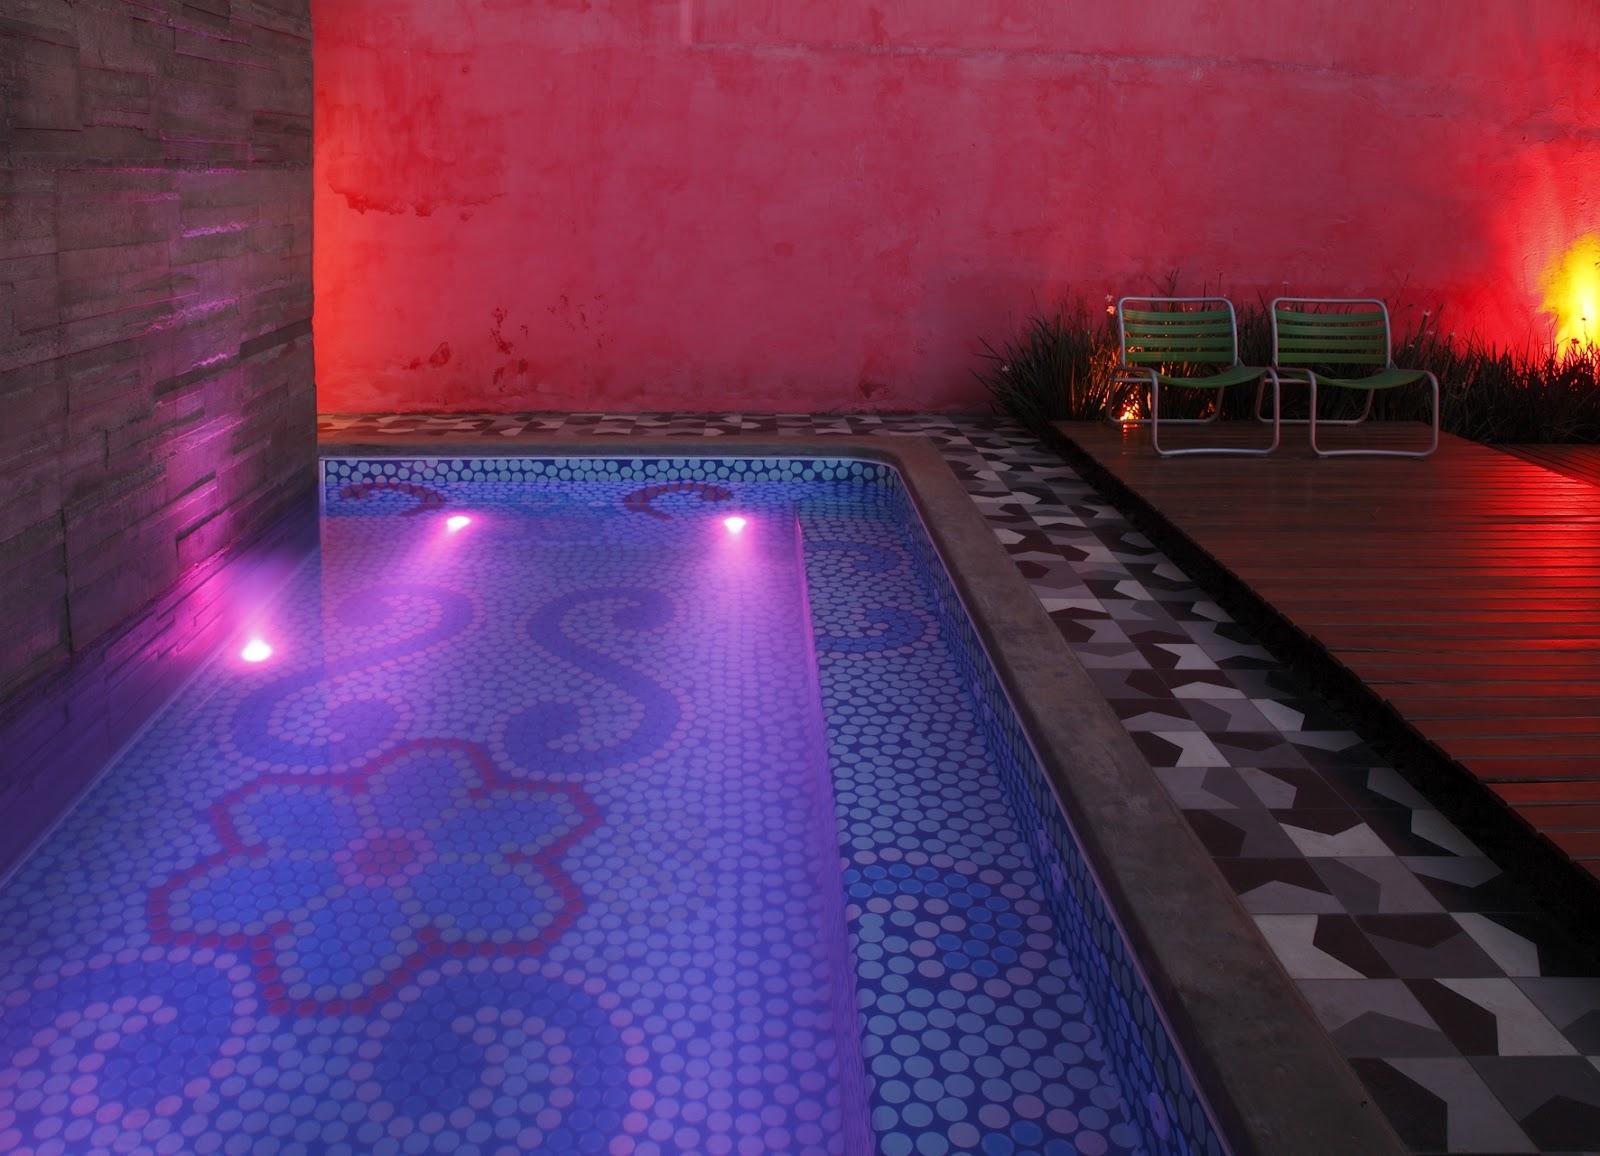 Podcultura portal de not cias calor intenso dos ltimos for Termometros para piscinas